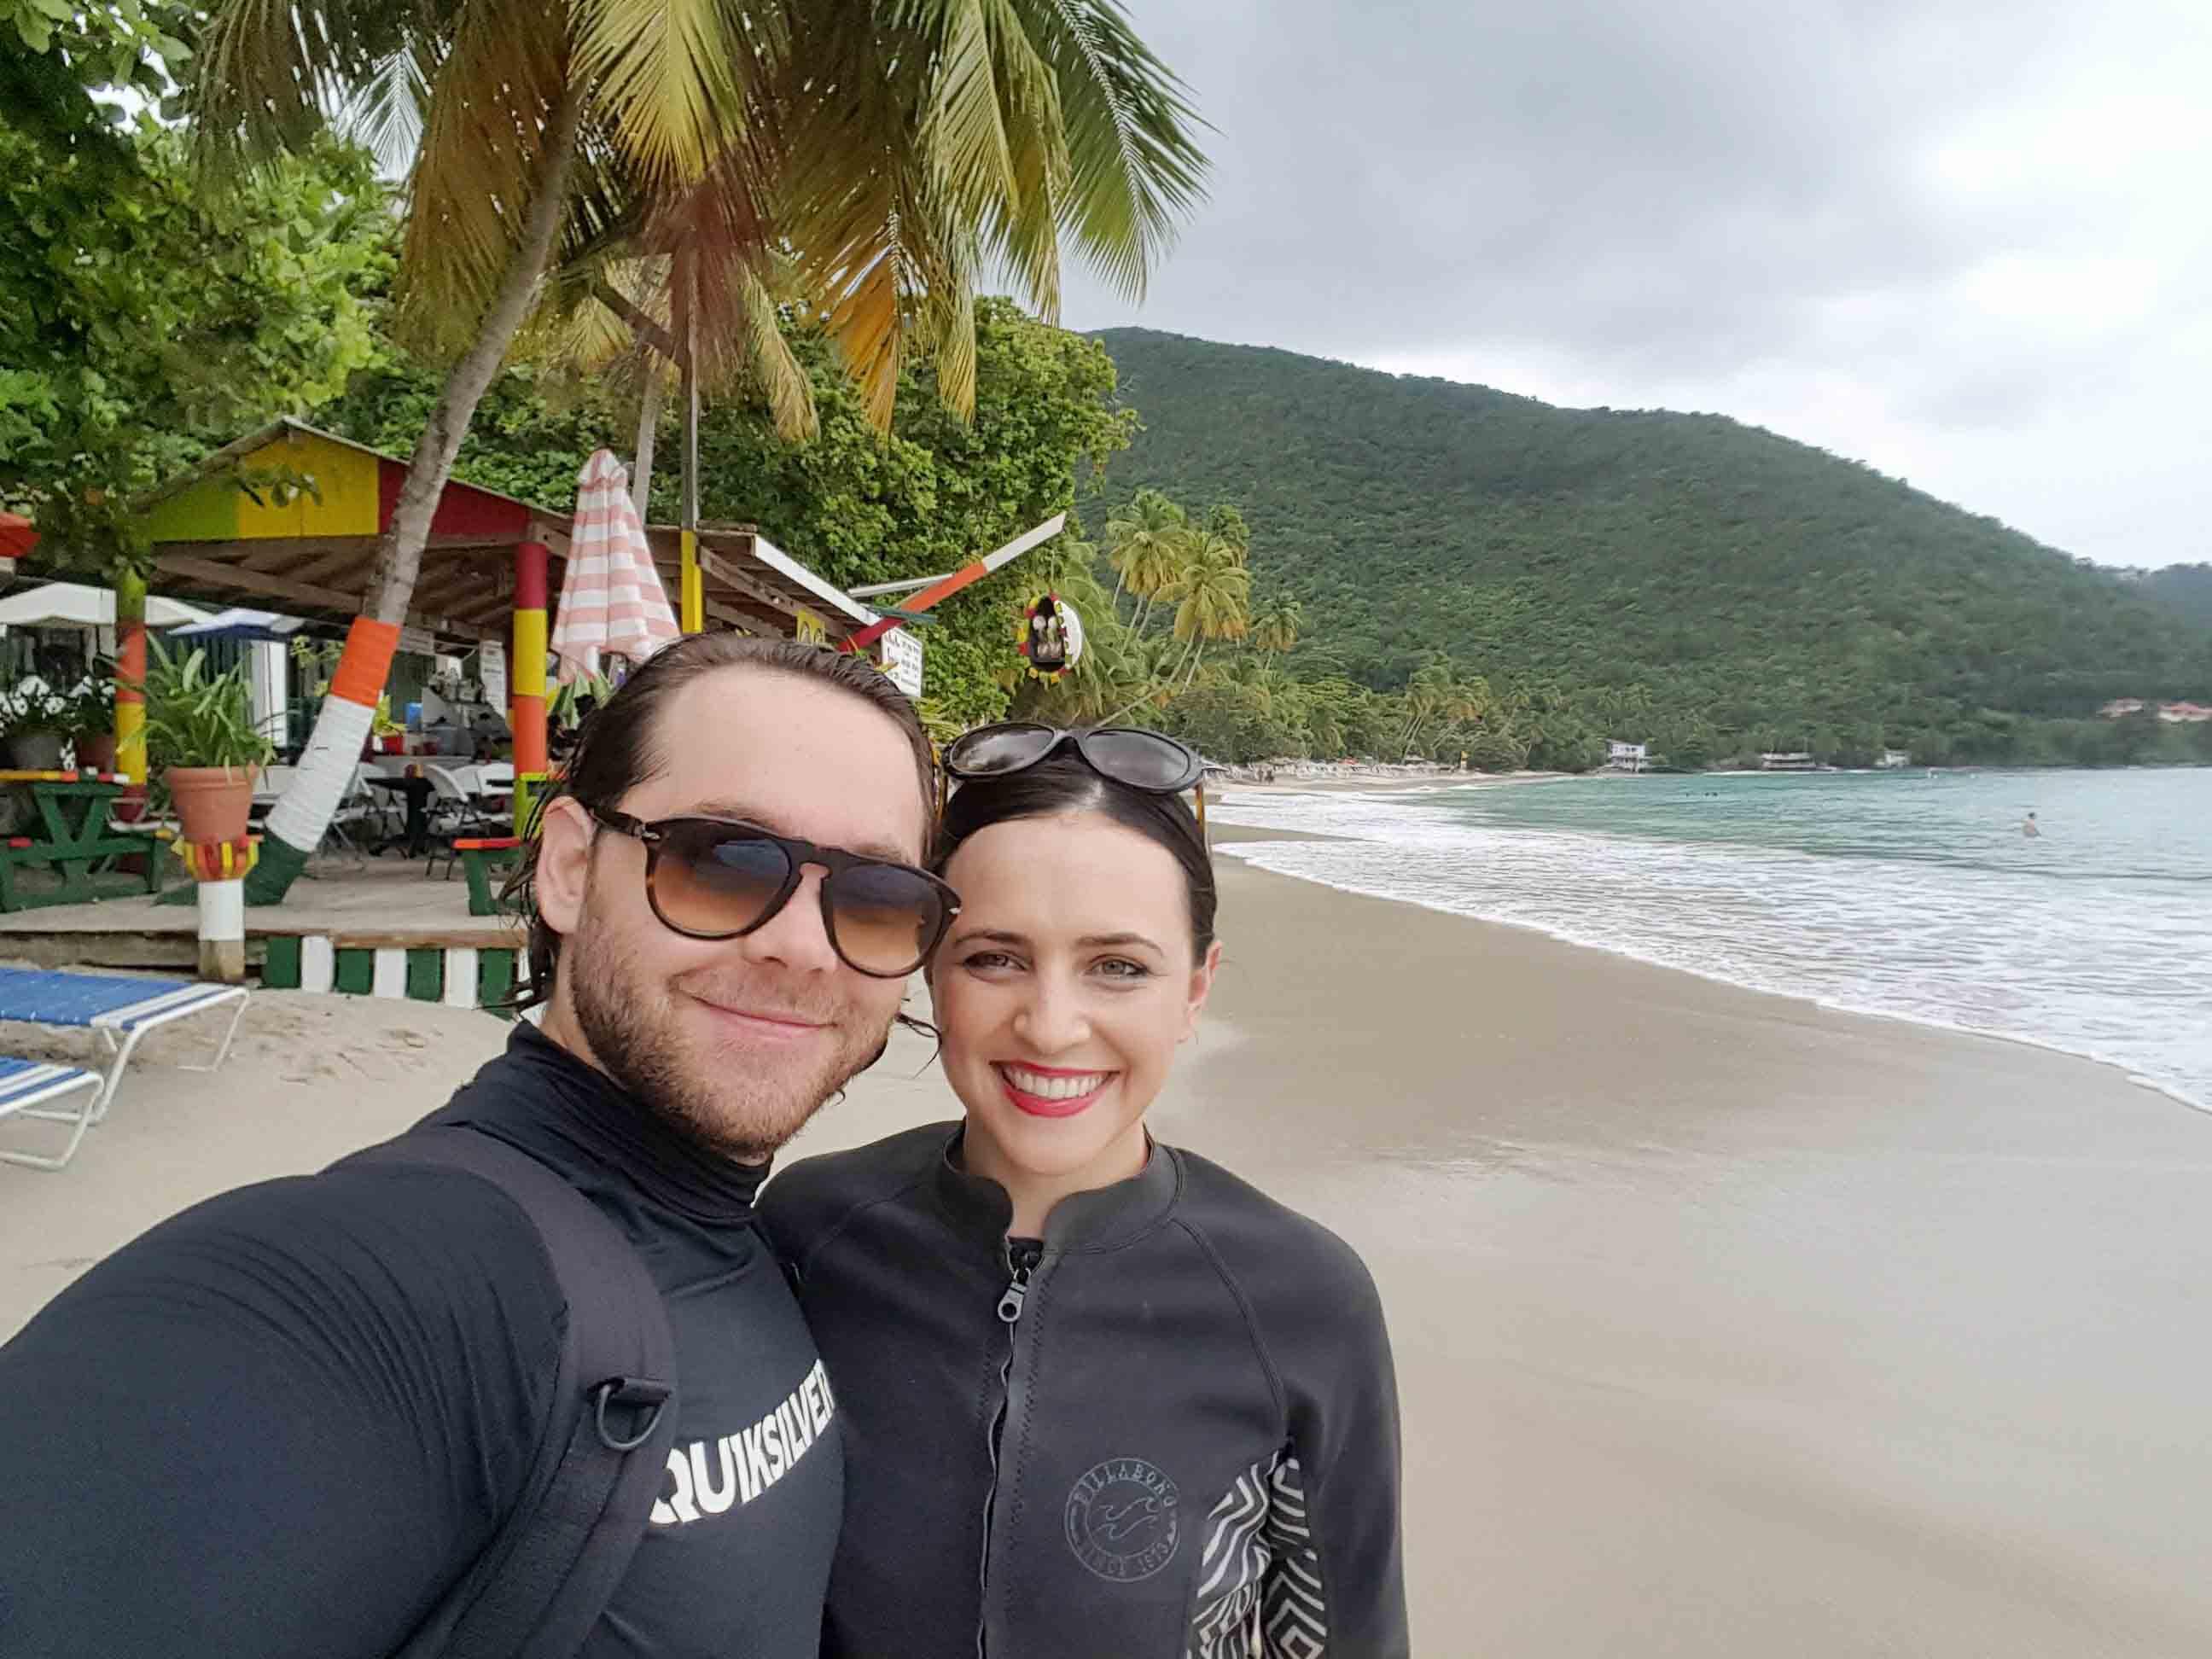 Virgin Islands Travel Blog, Virgin Islands Shore Excursions, Tortola Shore Excursion